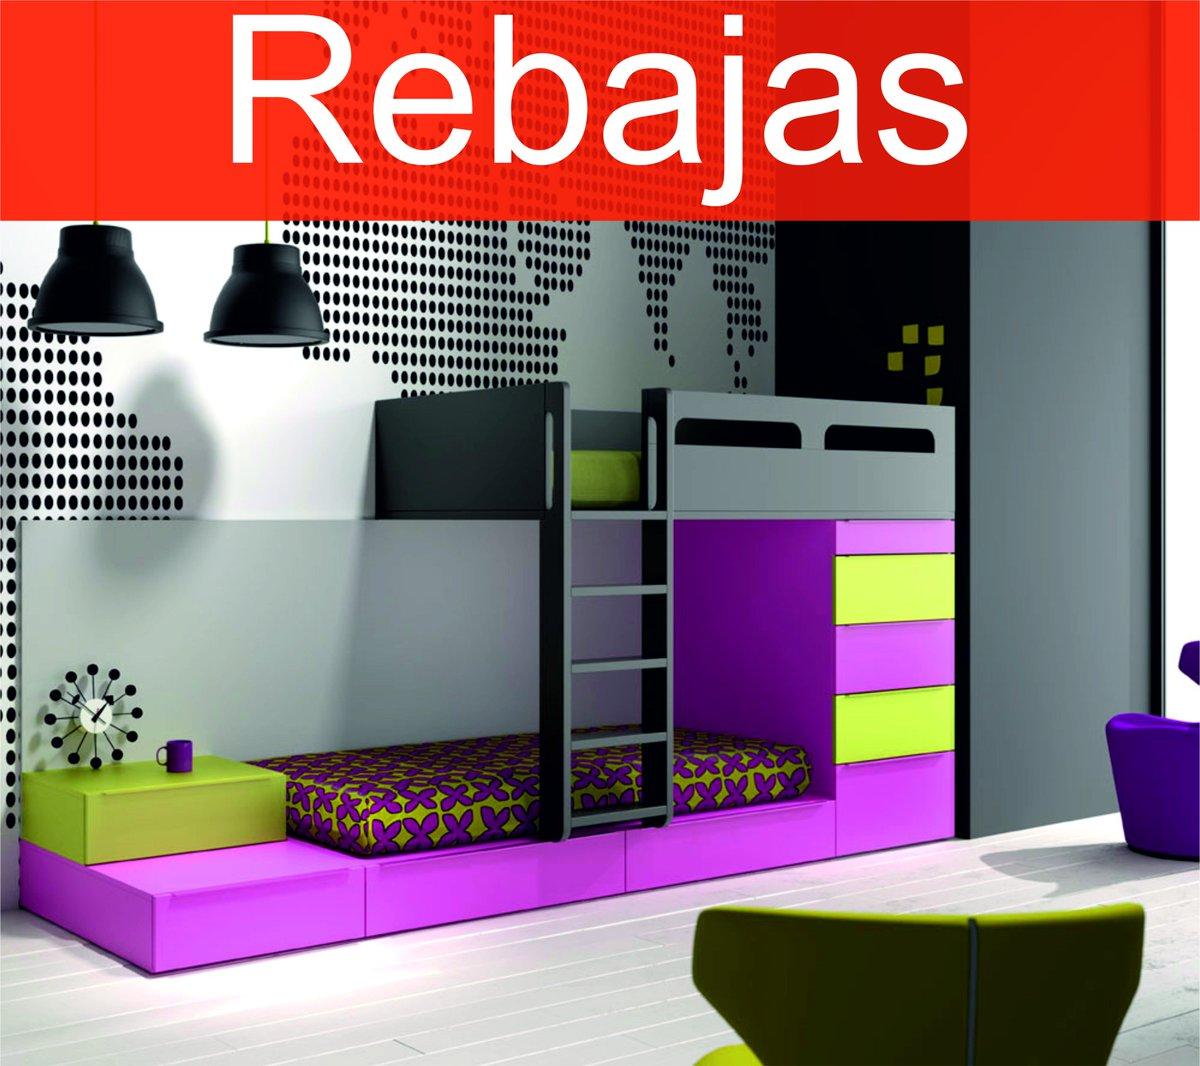 Muebles Rojo Mueblesrojo Twitter # Muebles Rebajas